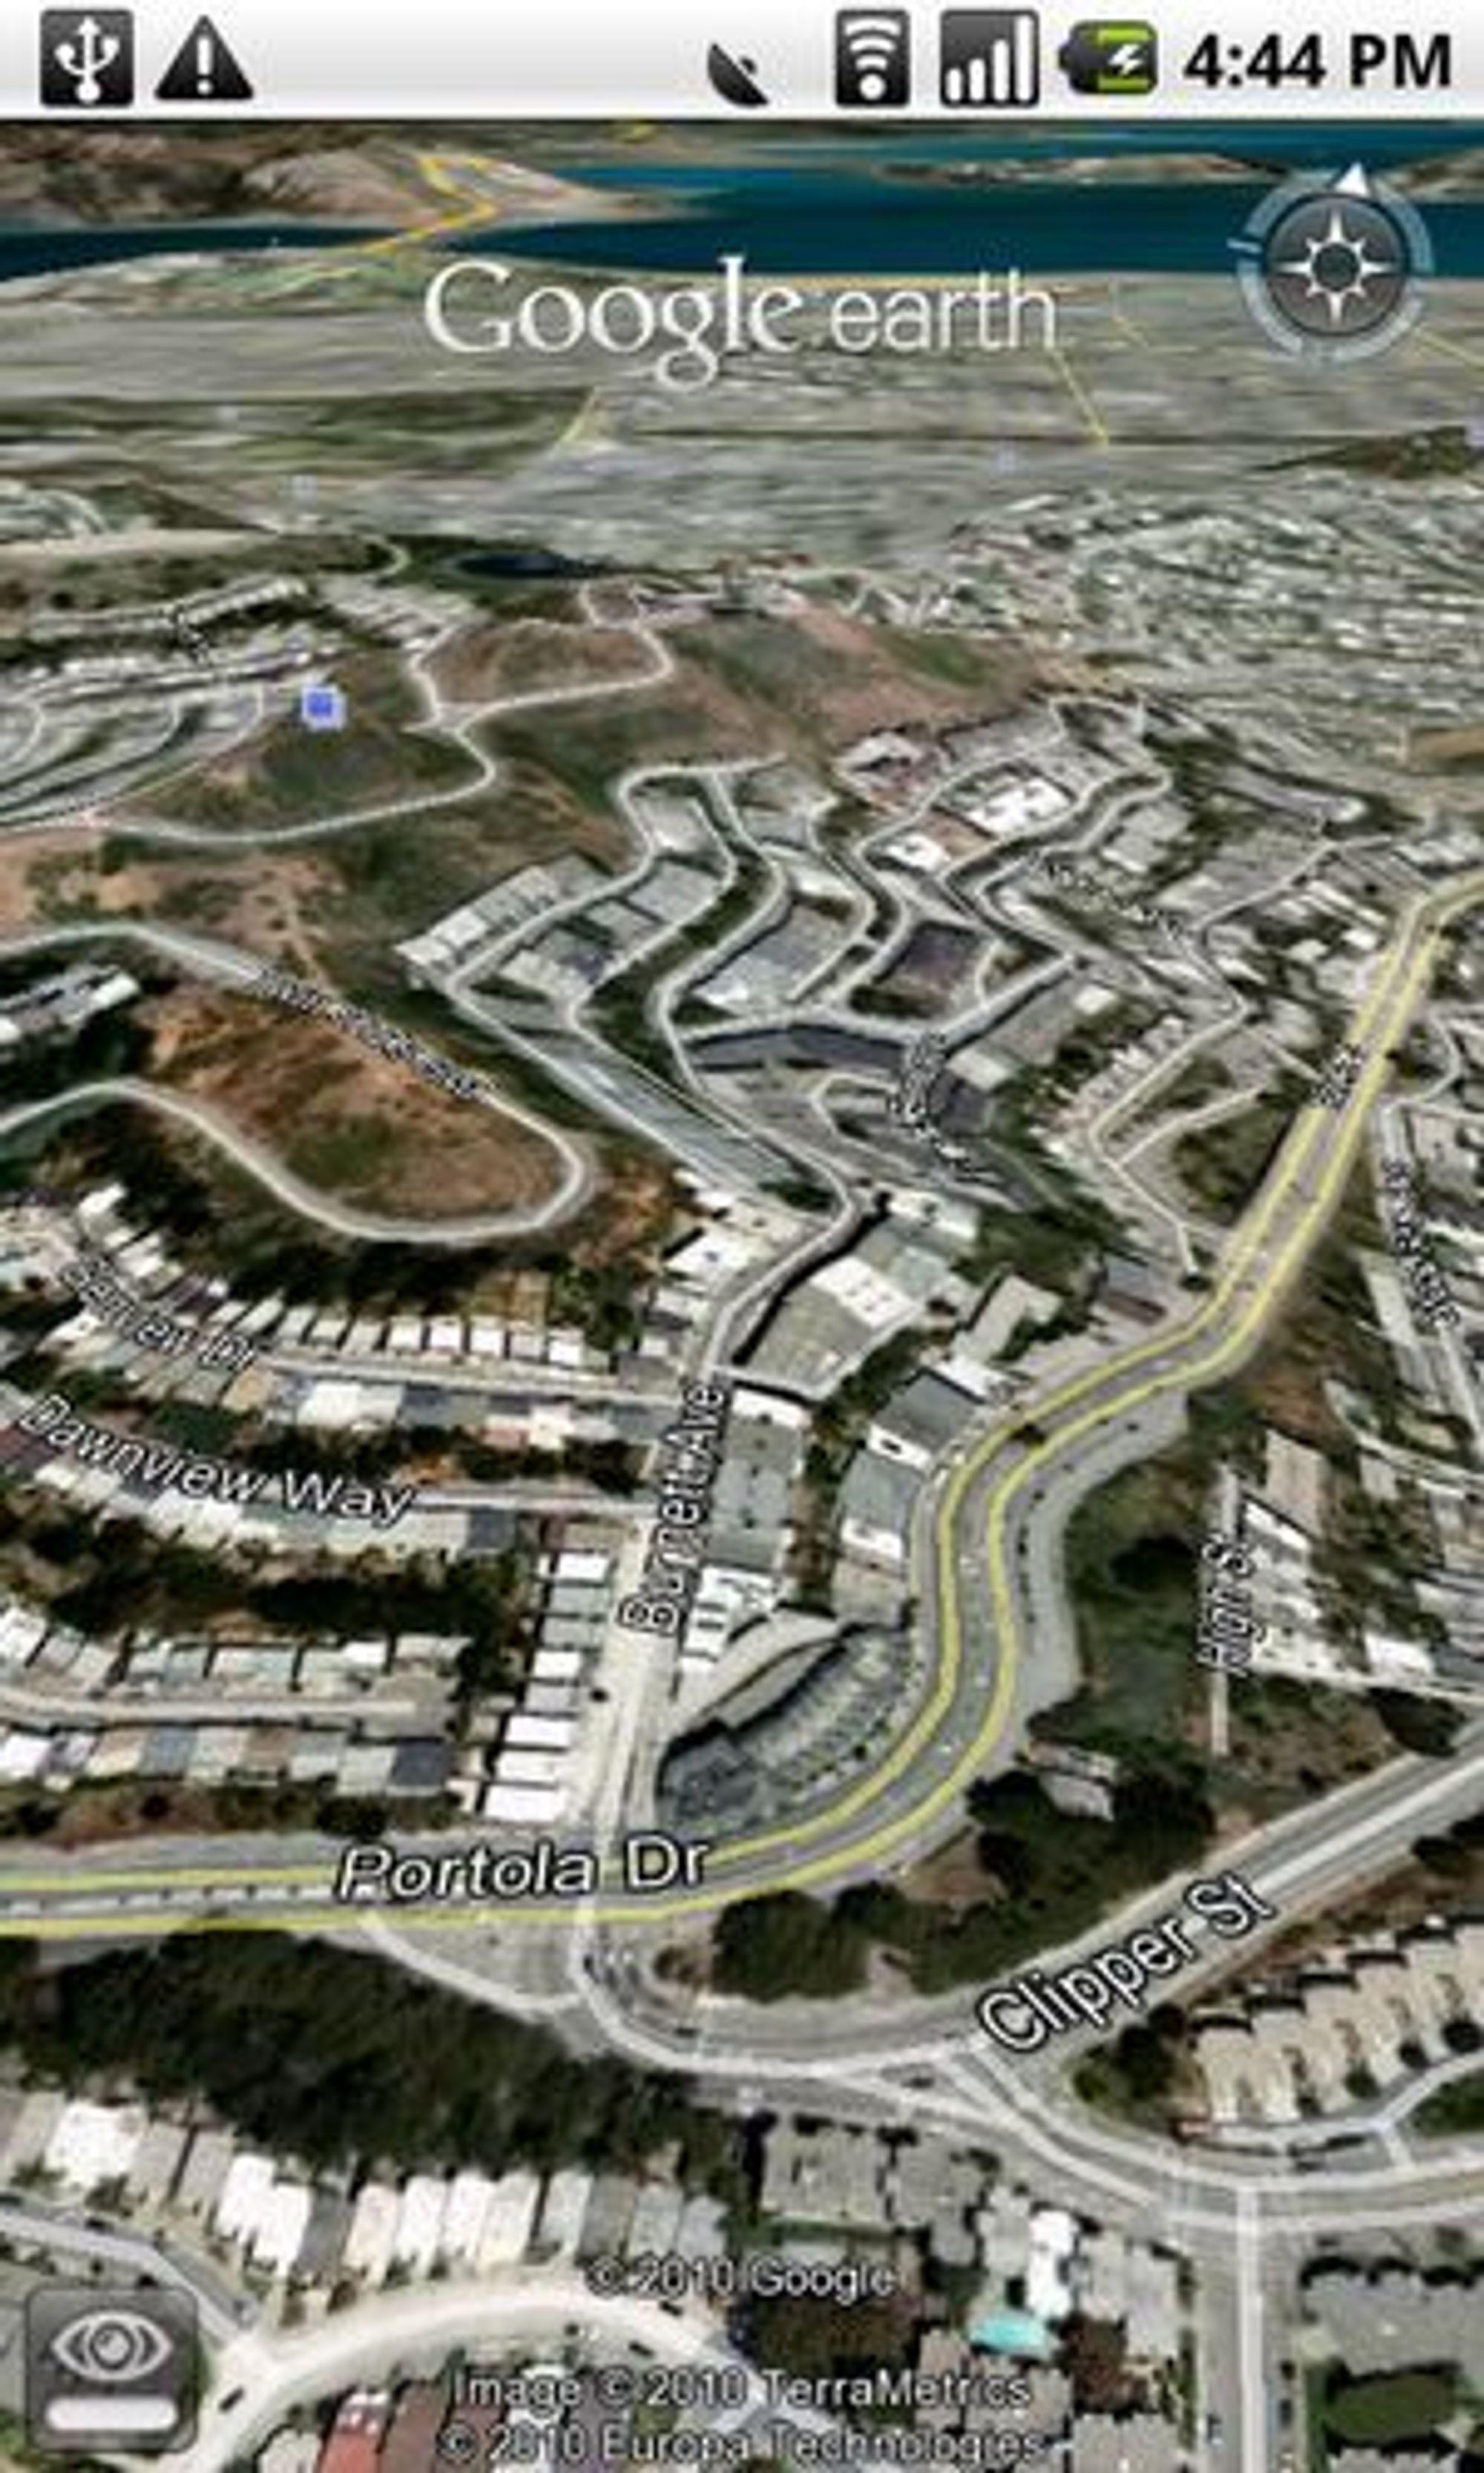 Veinavn vises nå i Google Earth for mobiler.